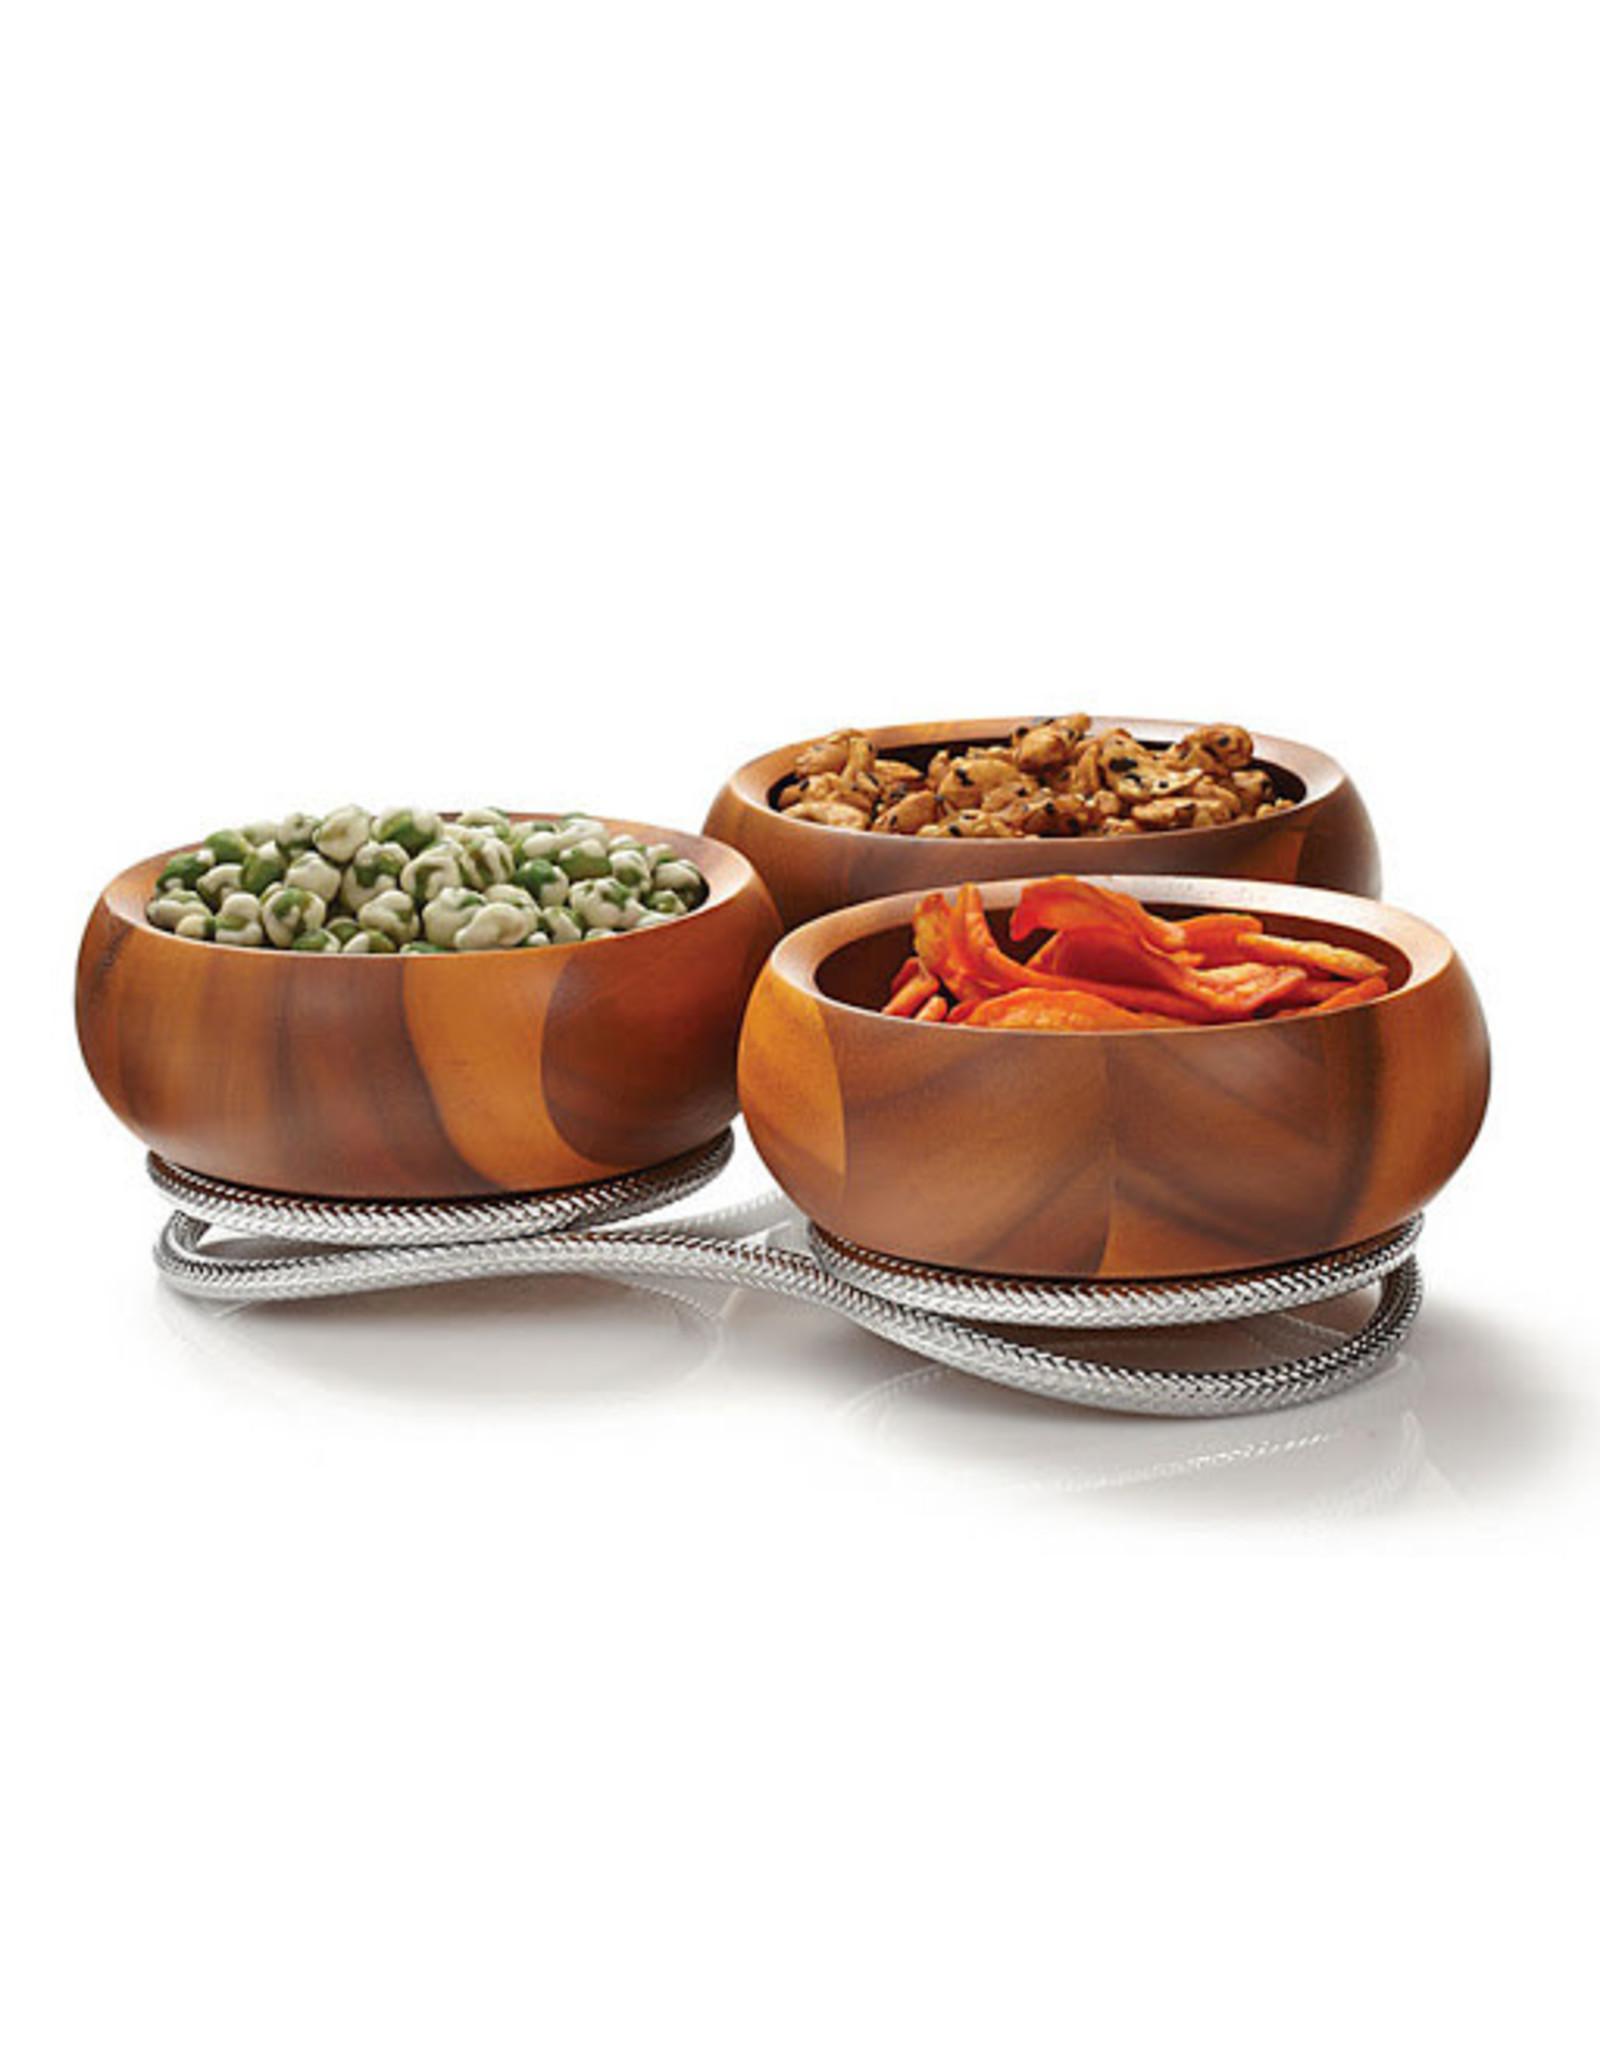 Nambe NAMBE Braid Trio Condiment Dish